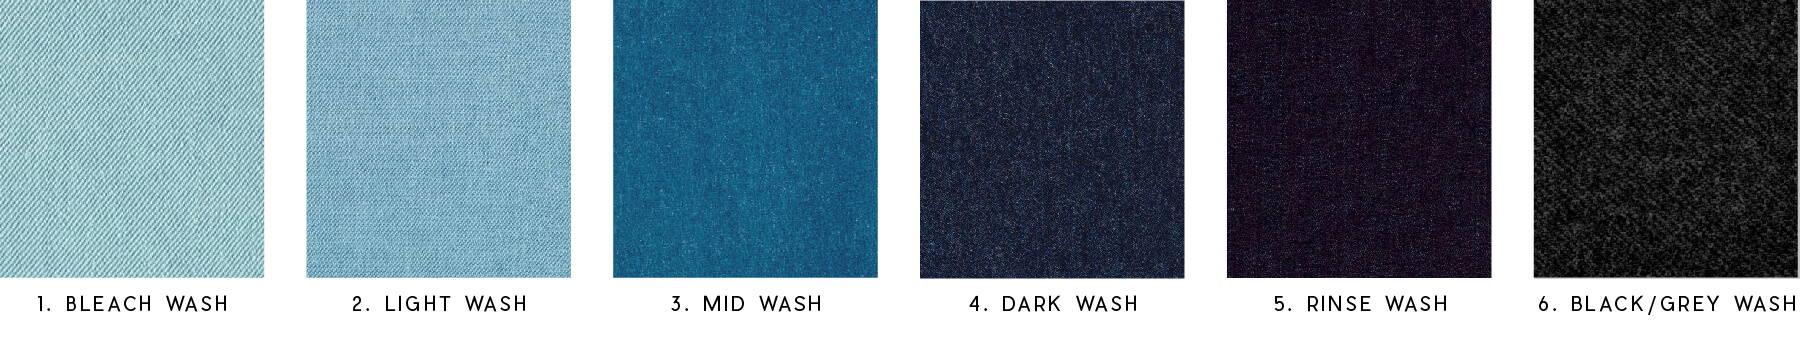 jean wash colors